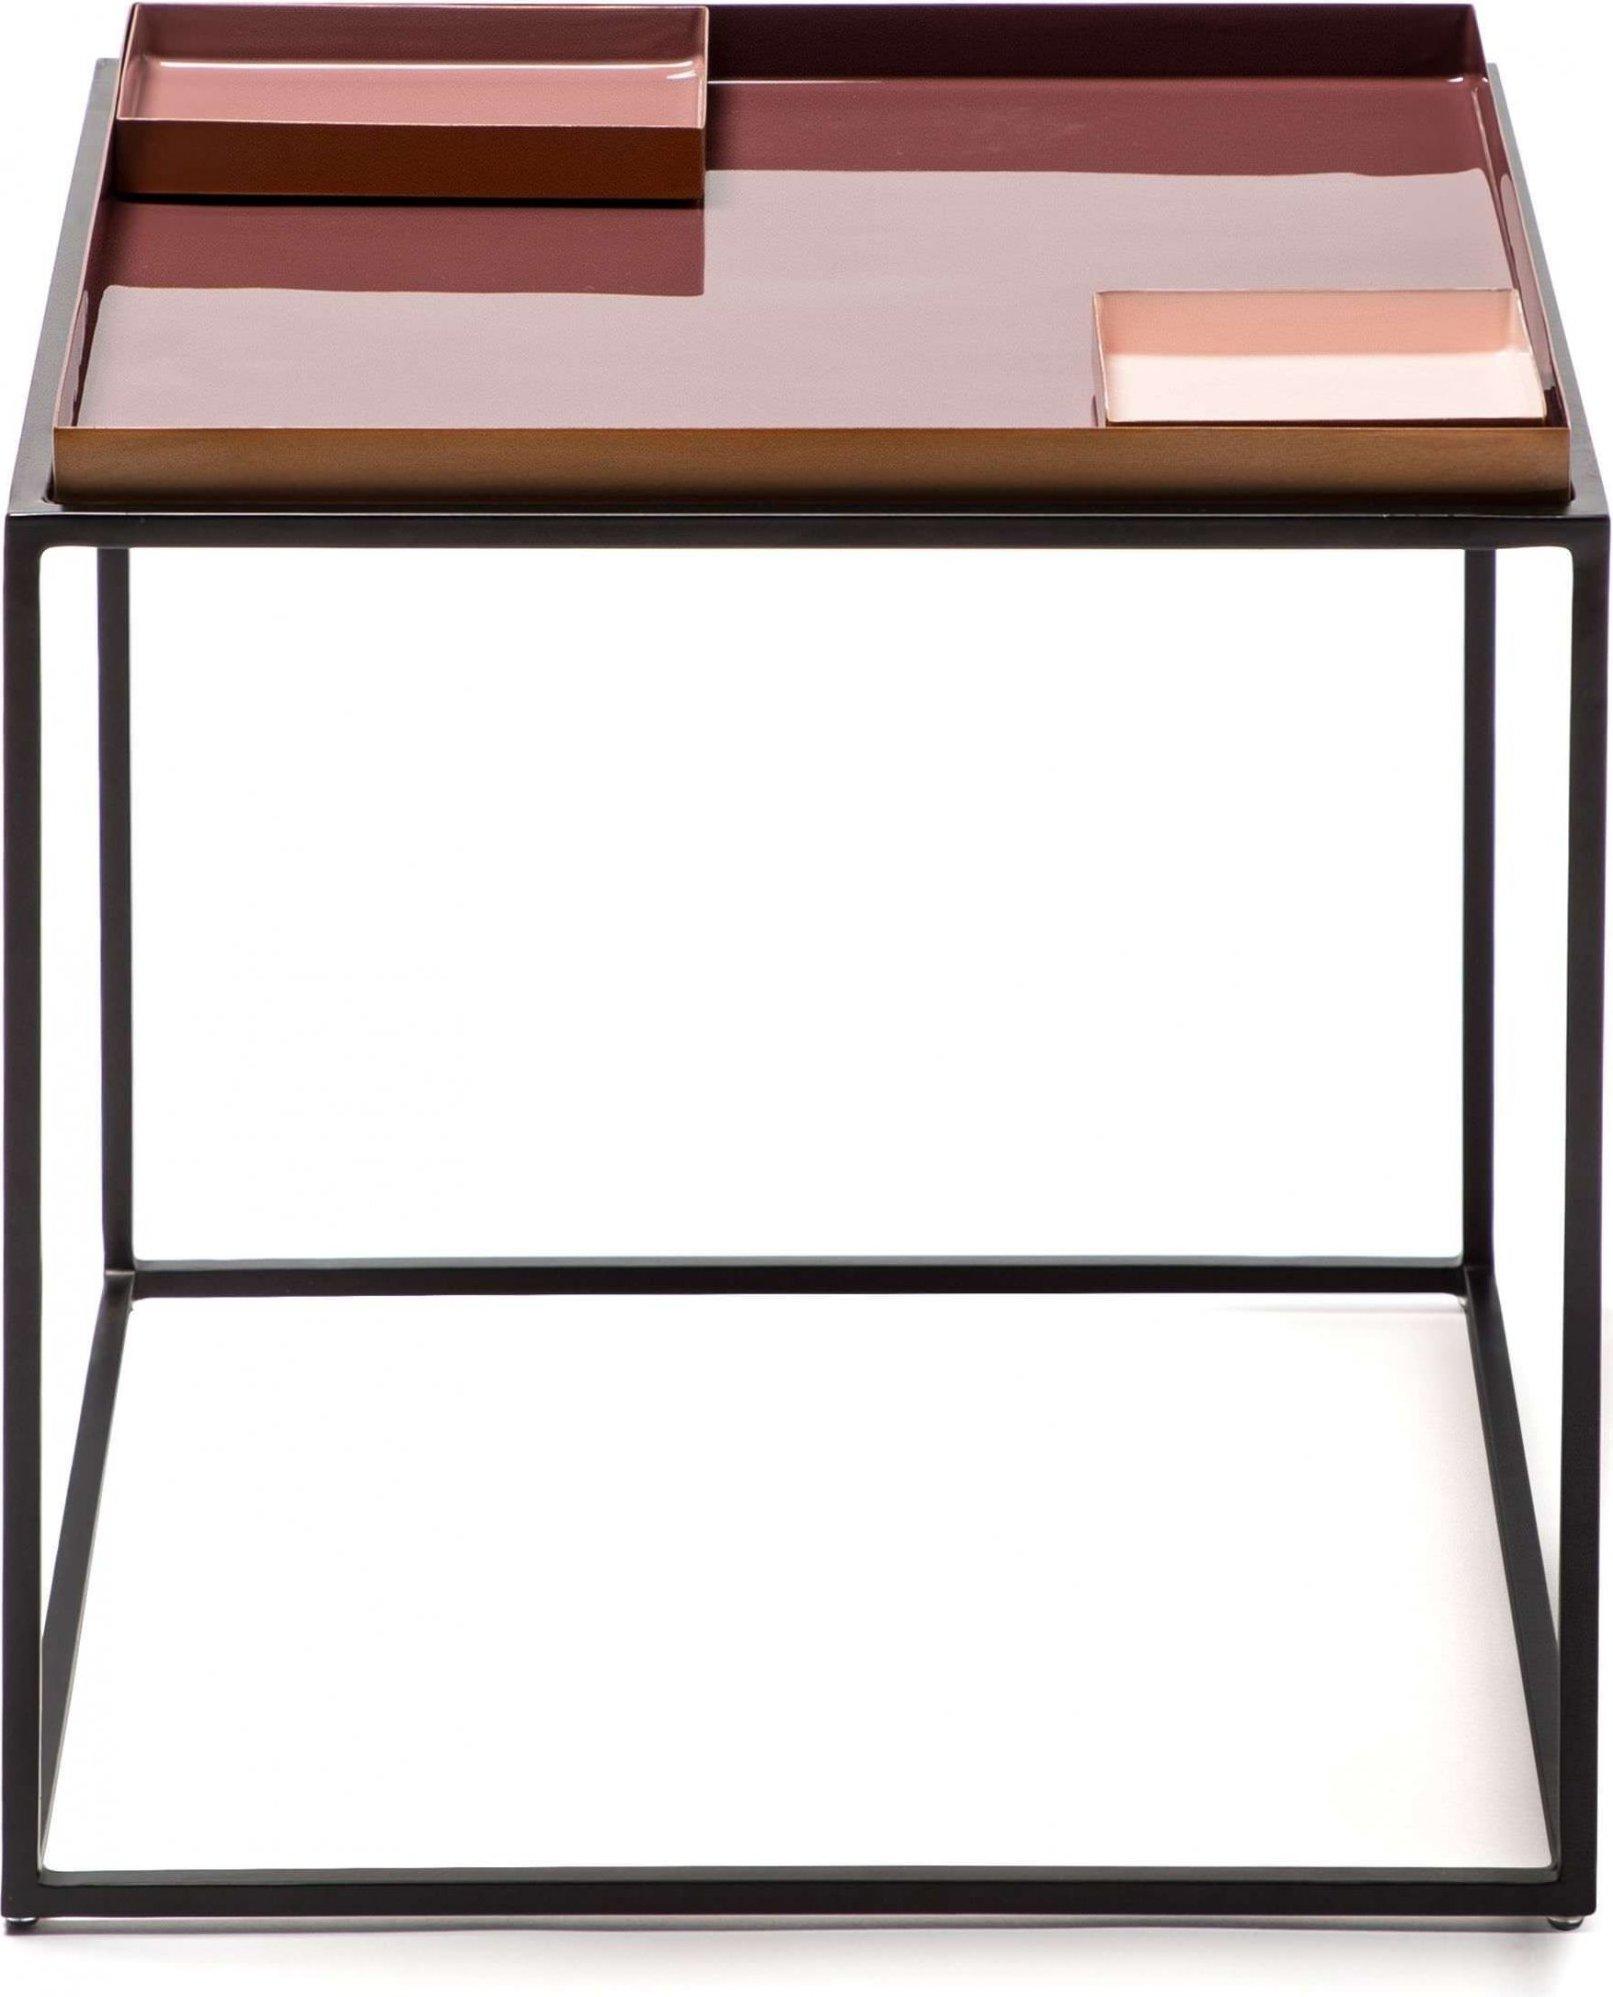 Table d'appoint carré couleur violet l40cm